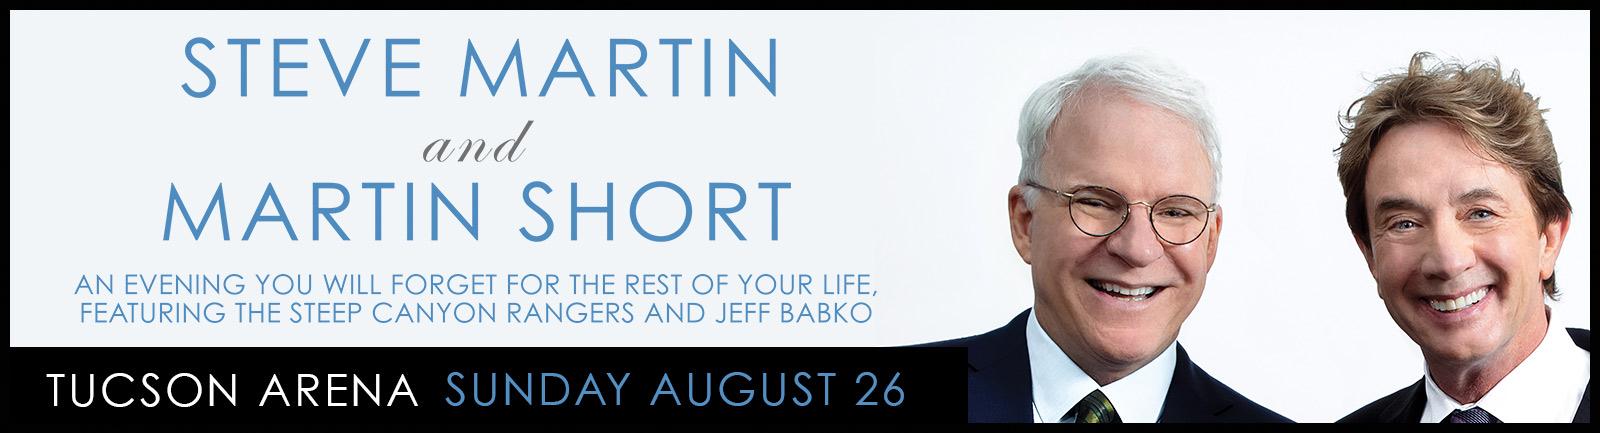 Steve Martin and Martin Short - \